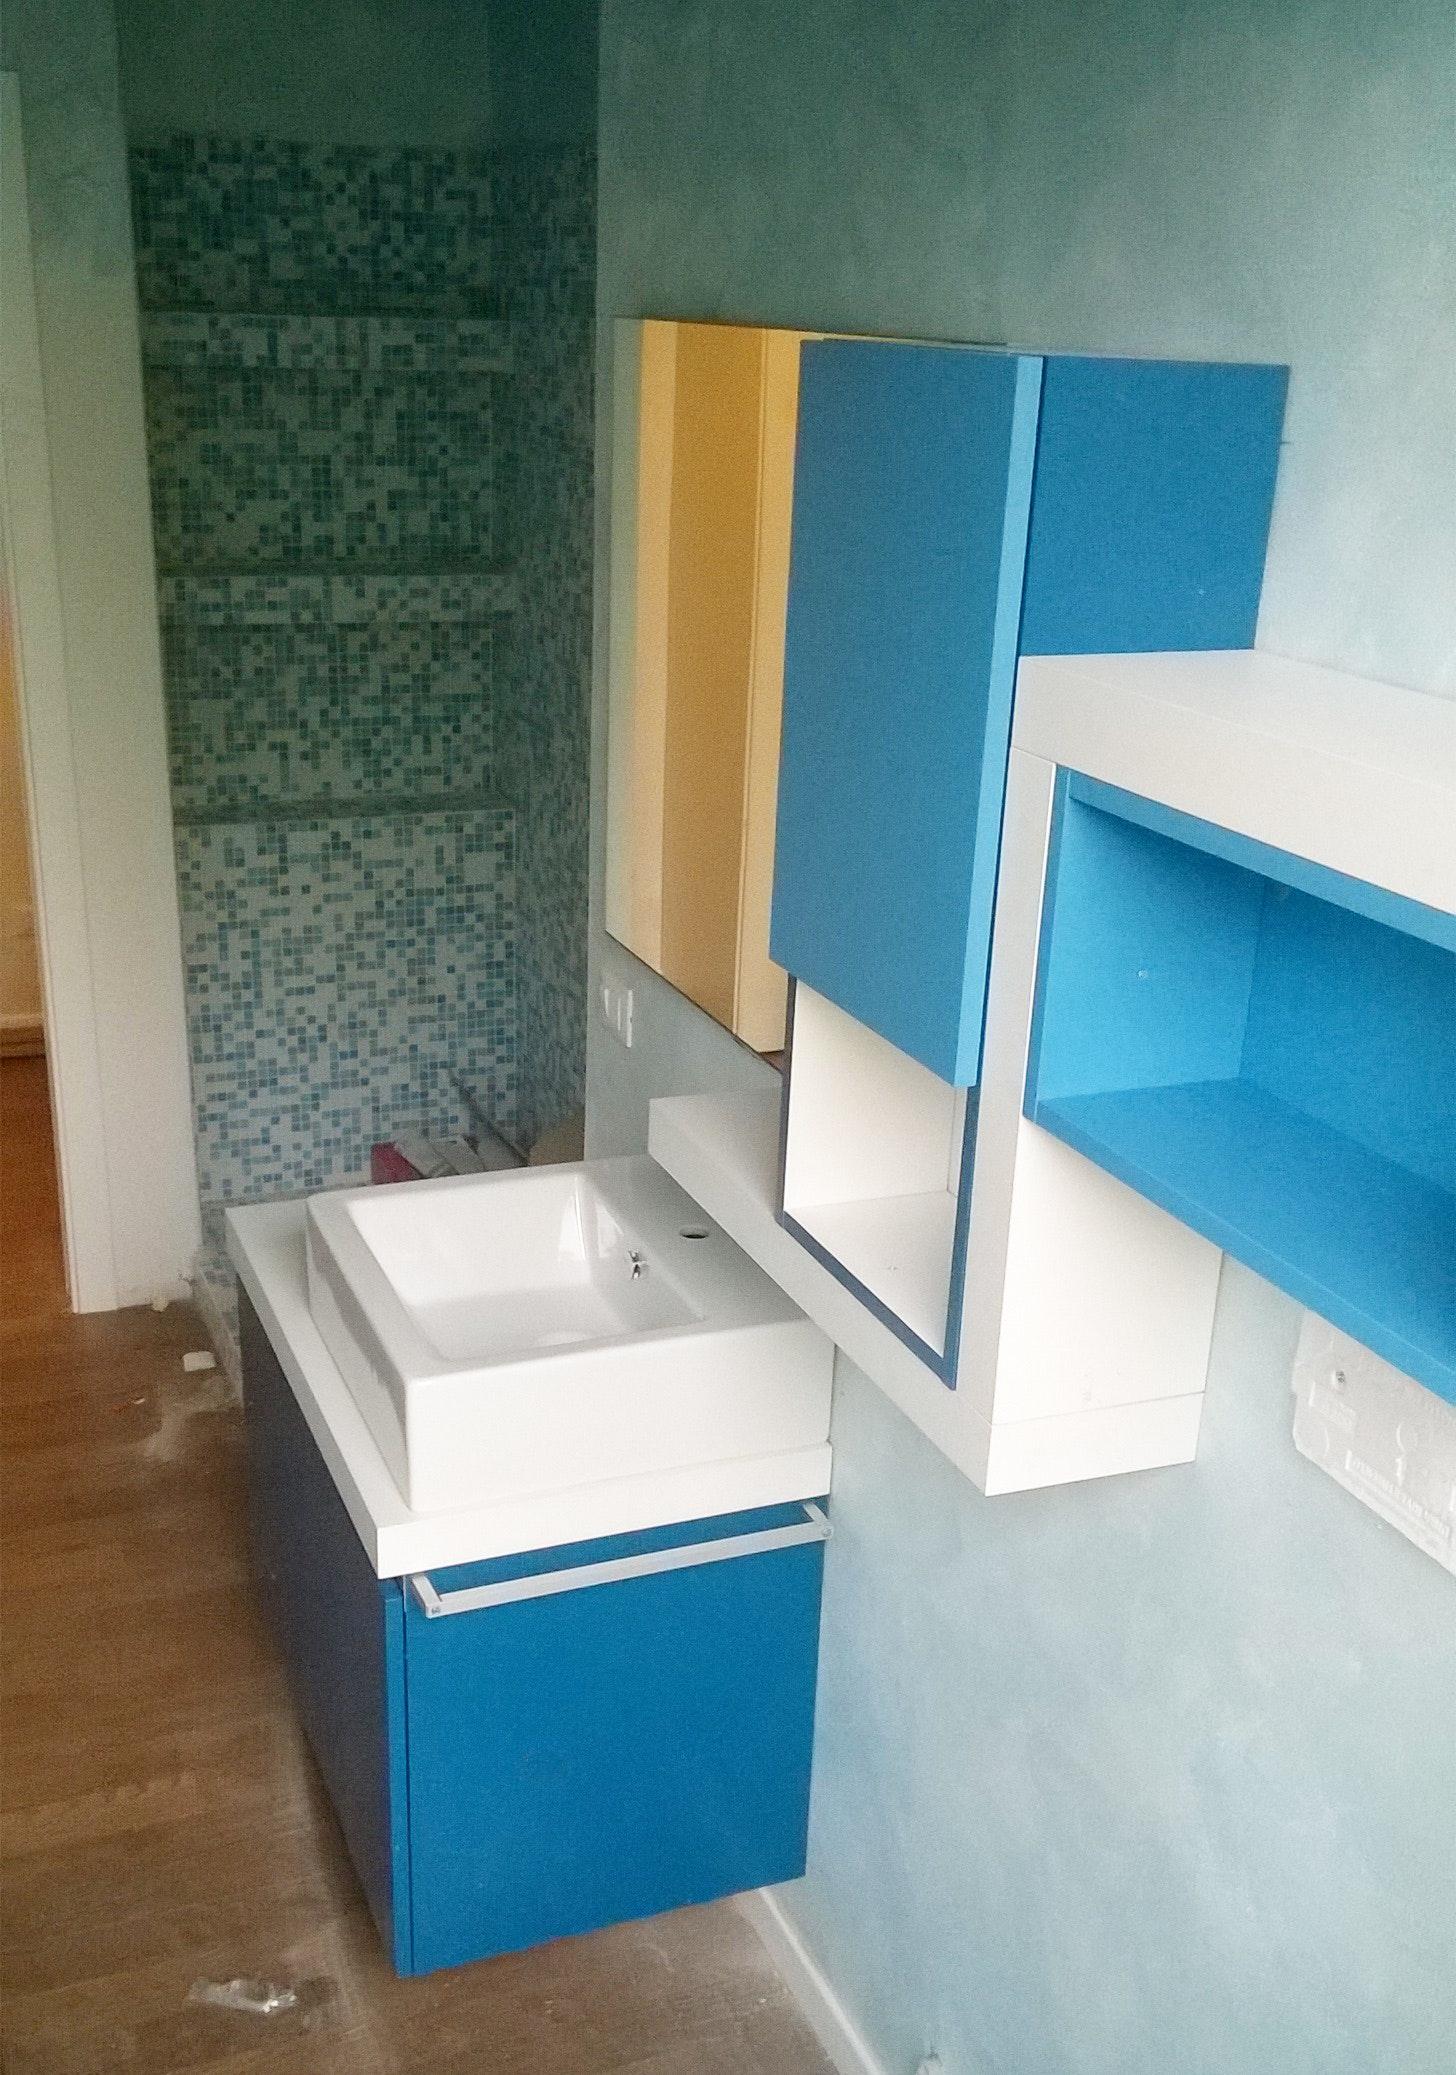 Bagno blu e bianco interesting bagni blu turchese e bianco in questo bagno minimal chic la - Bagno blu e bianco ...